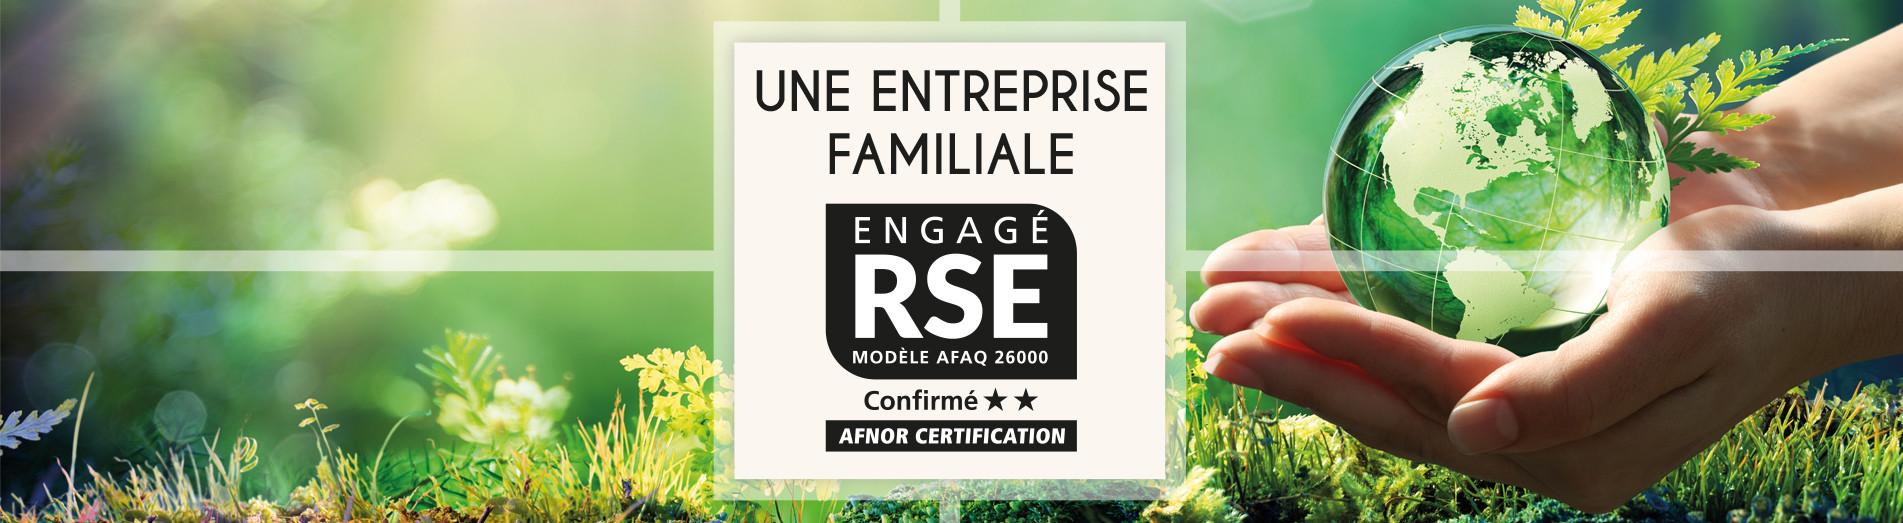 Nous sommes labellisés « Engagé RSE » (Responsabilité Sociétale et Environnementale des Entreprises) niveau «confirmé» par AFNOR Certification